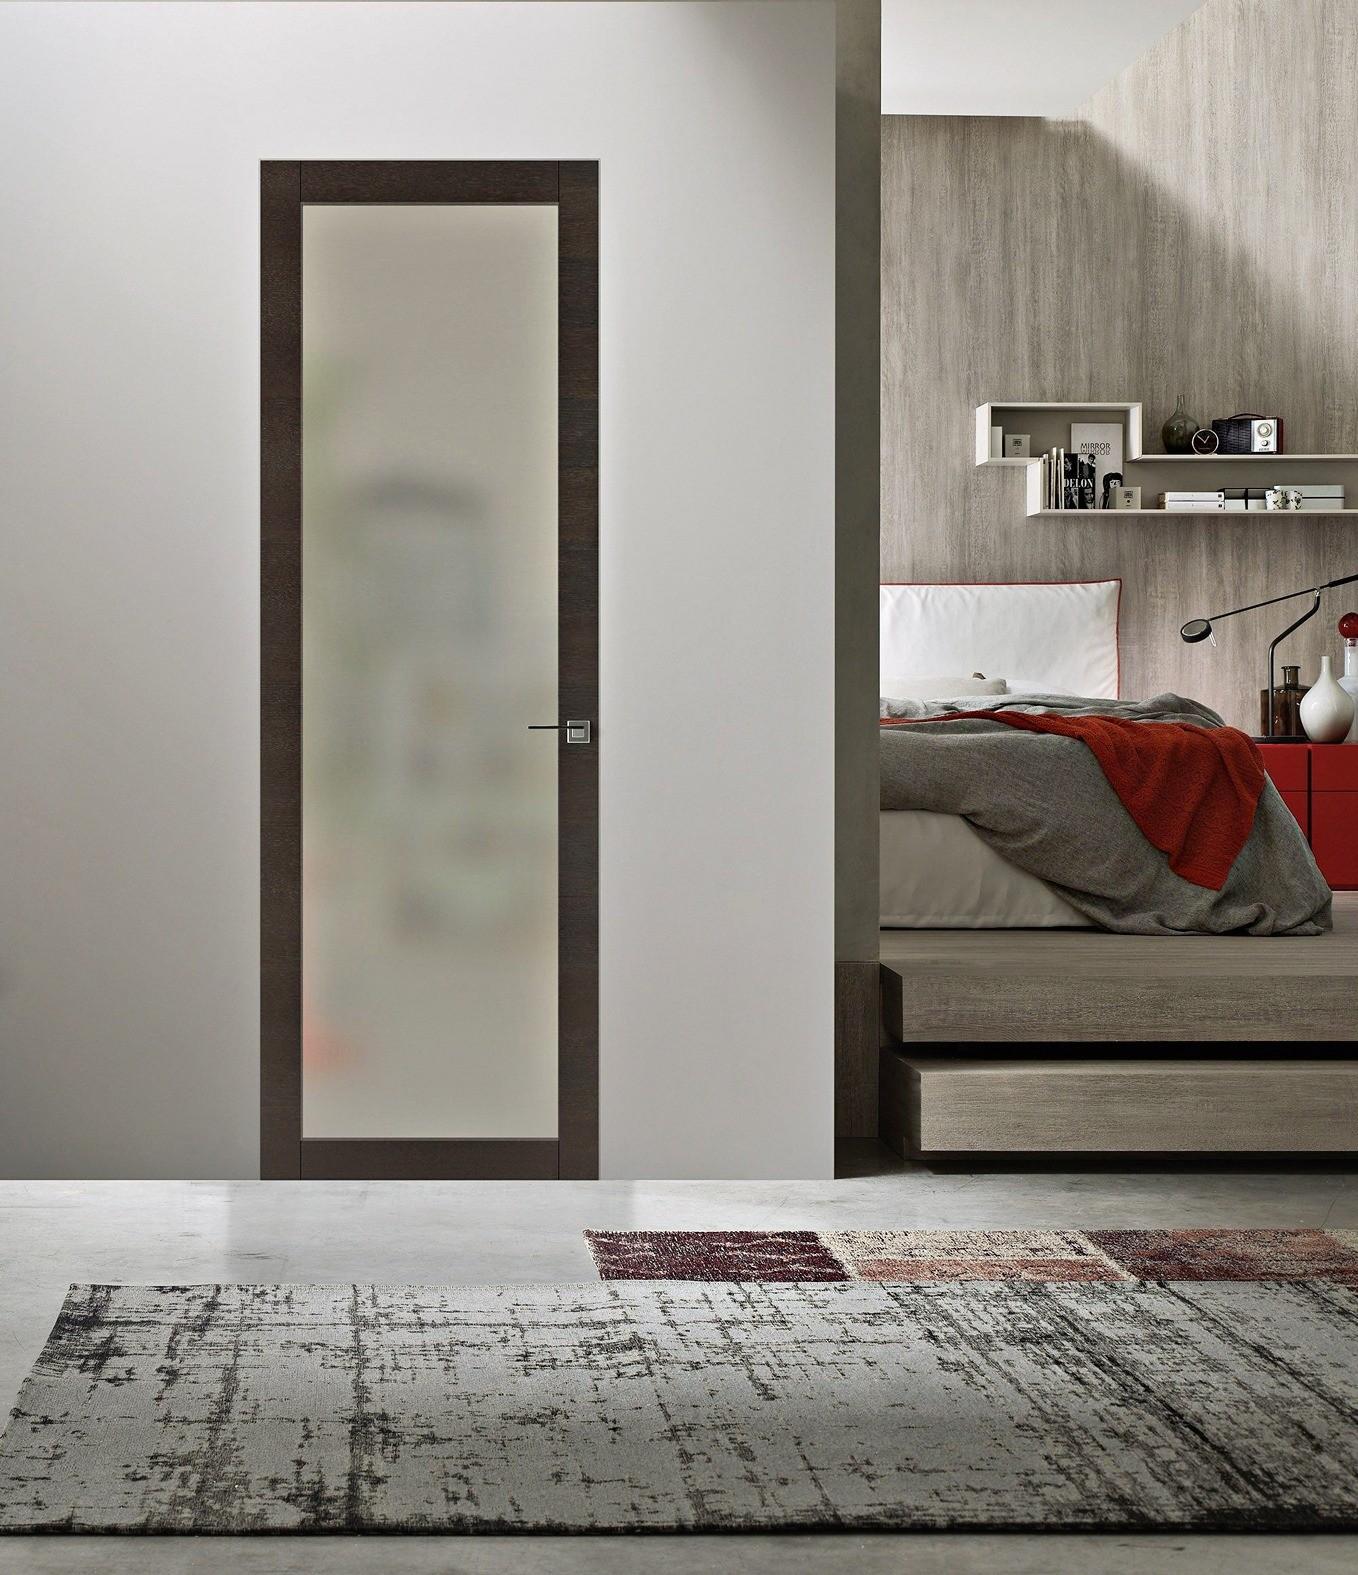 Матовое стеклоприменяется как в бюджетных сериях дверей, так и в авторских коллекциях итальянских дизайнеров